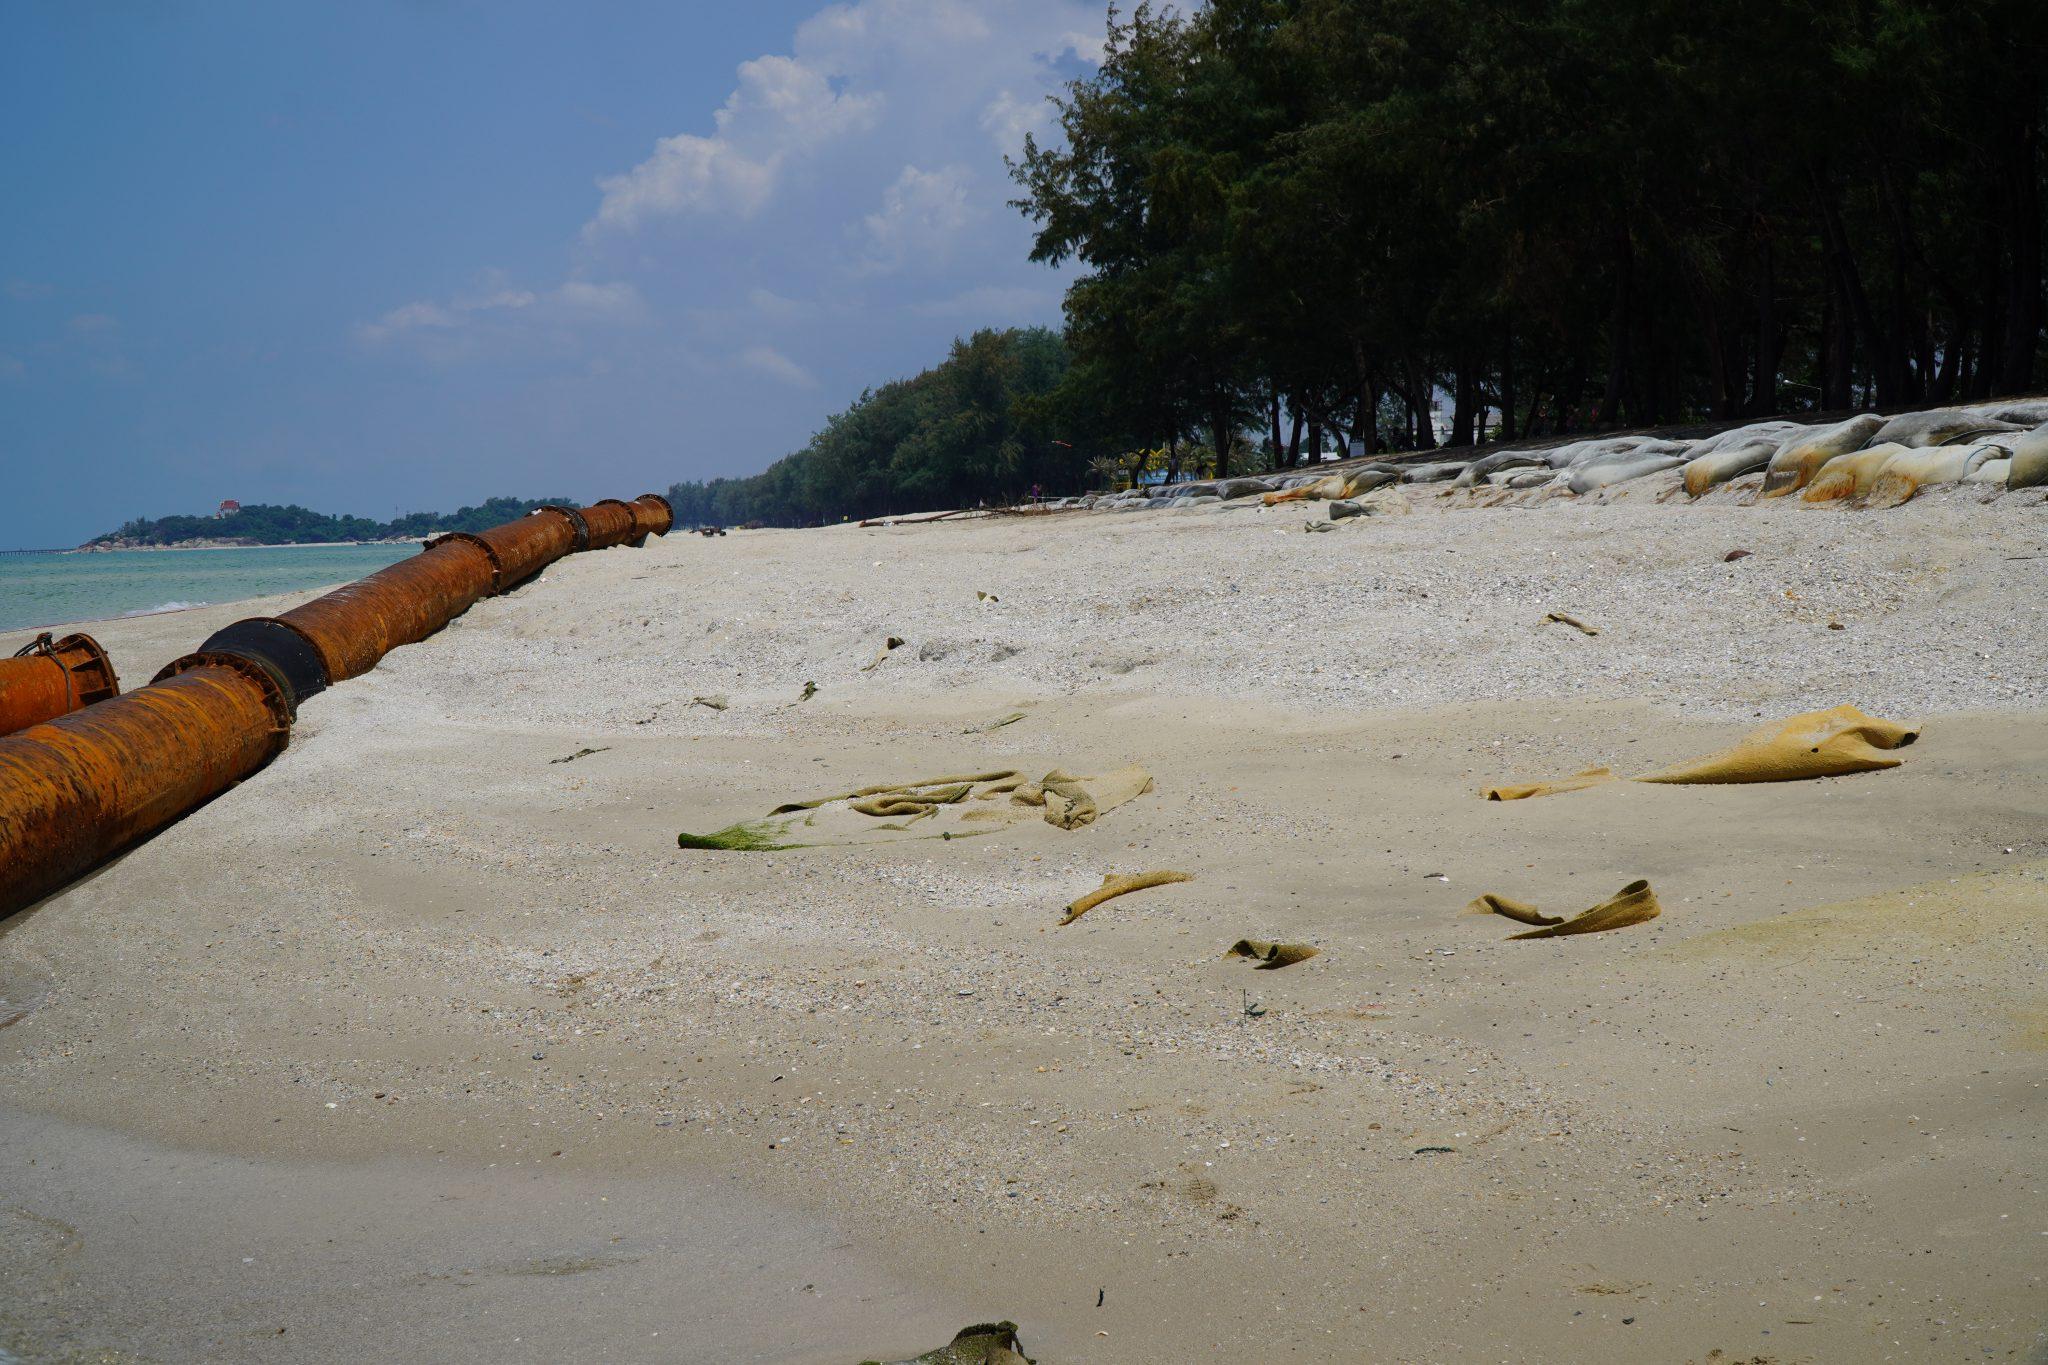 หาดสมิหลา-หาดชลาทัศน์ จ.สงขลา เติมทรายอีกครั้งป้องกันการกัดเซาะชายฝั่ง